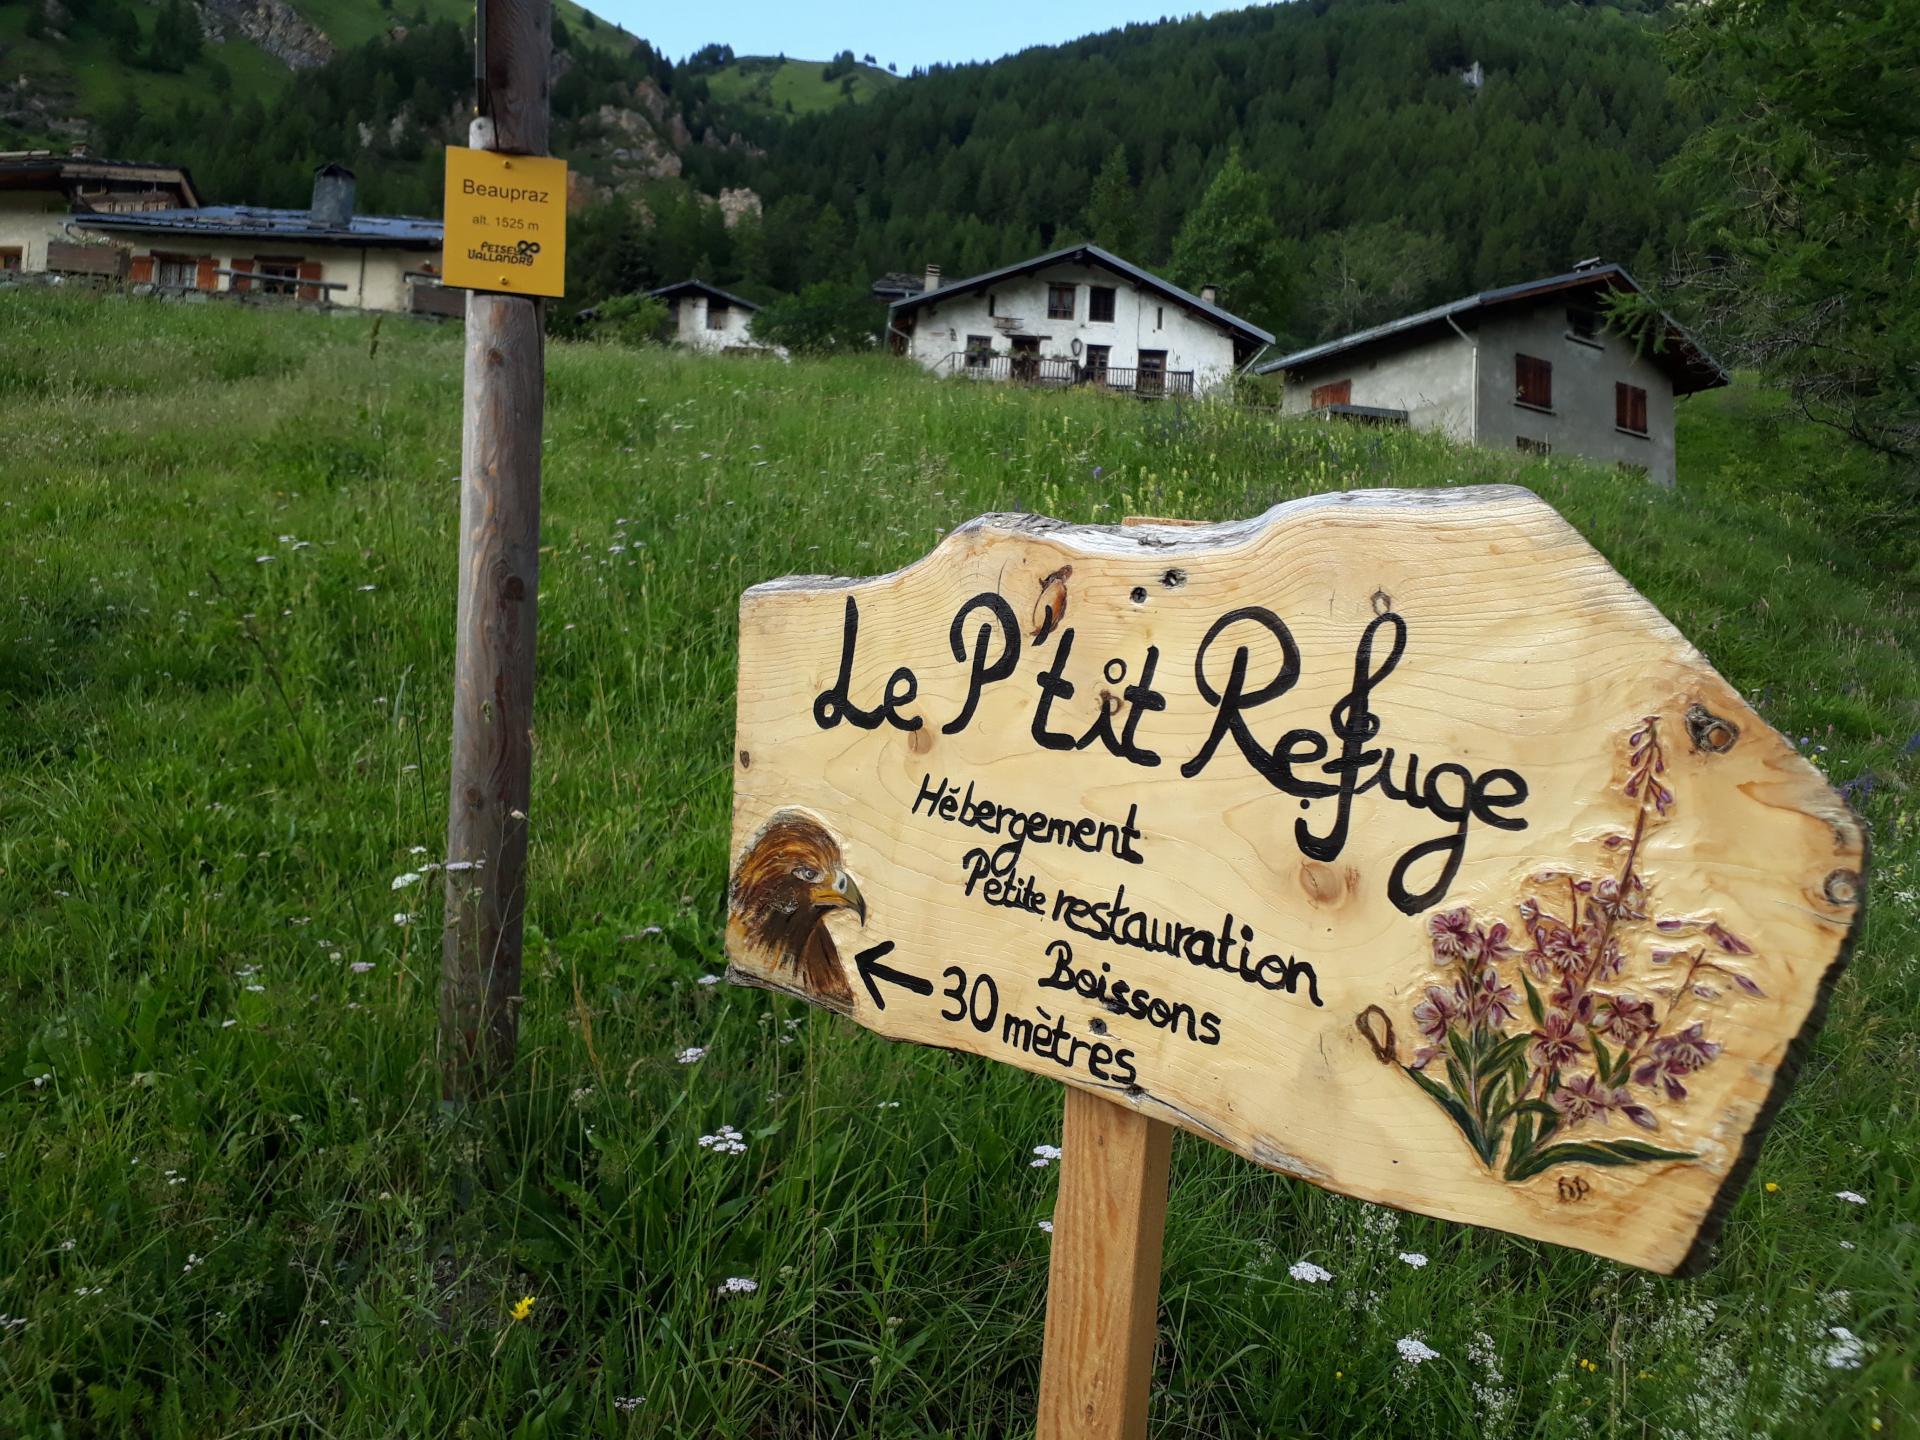 P'tit Refuge Rosuel, gîte refuge à Peisey-Nancroix, au hameau les Lanches Beaupraz. hébergement, petite restauration, boissons et desserts.